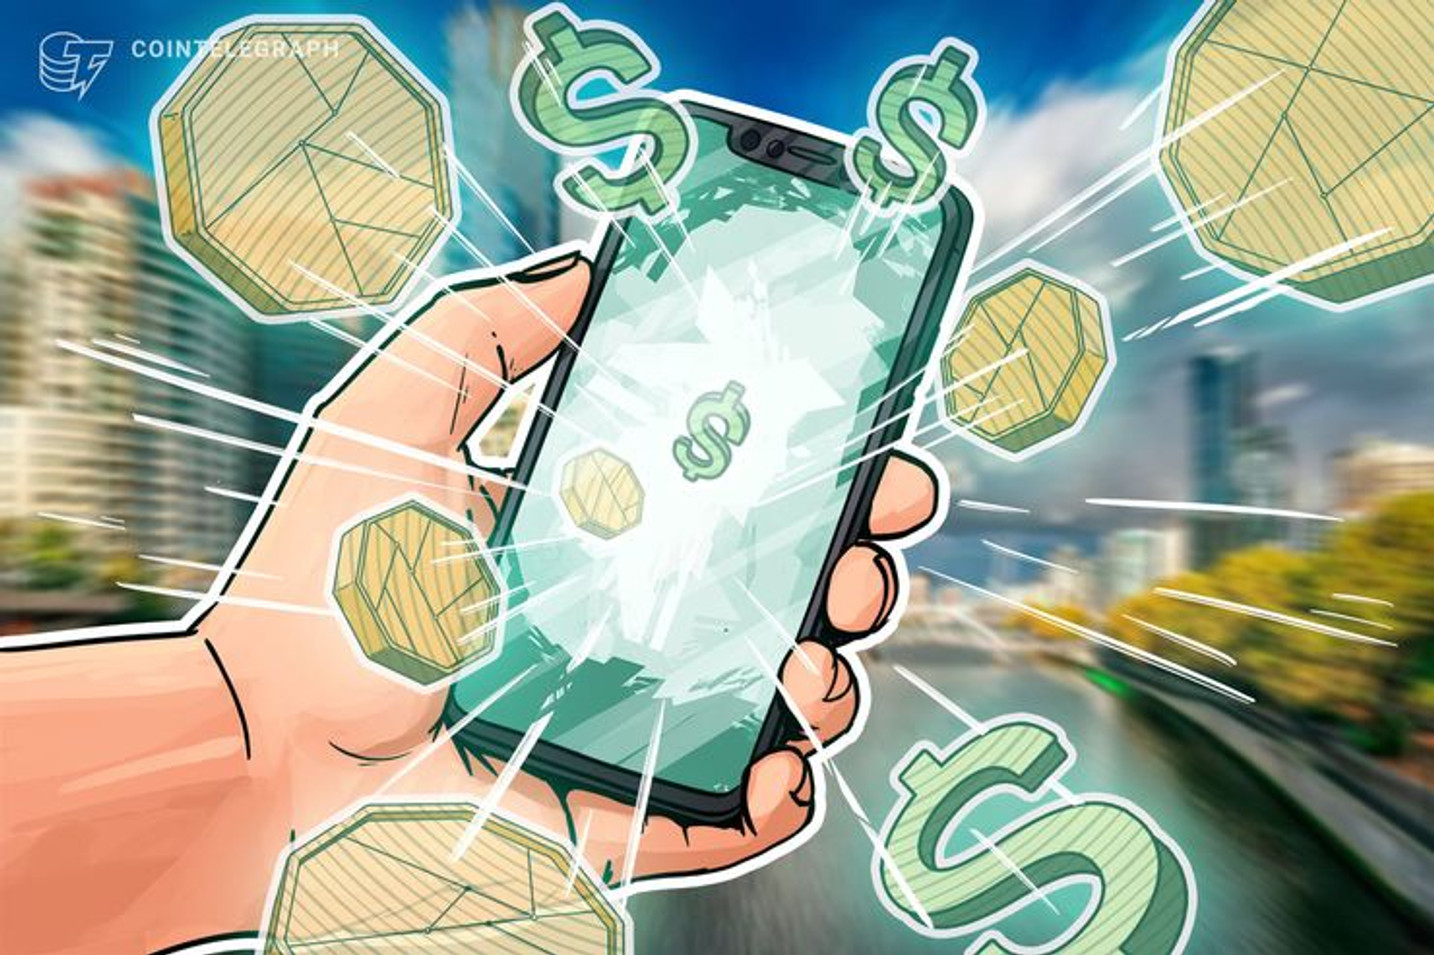 Pesquisa indica que 25 milhões de norte-americanos devem comprar Bitcoin no ano que vem